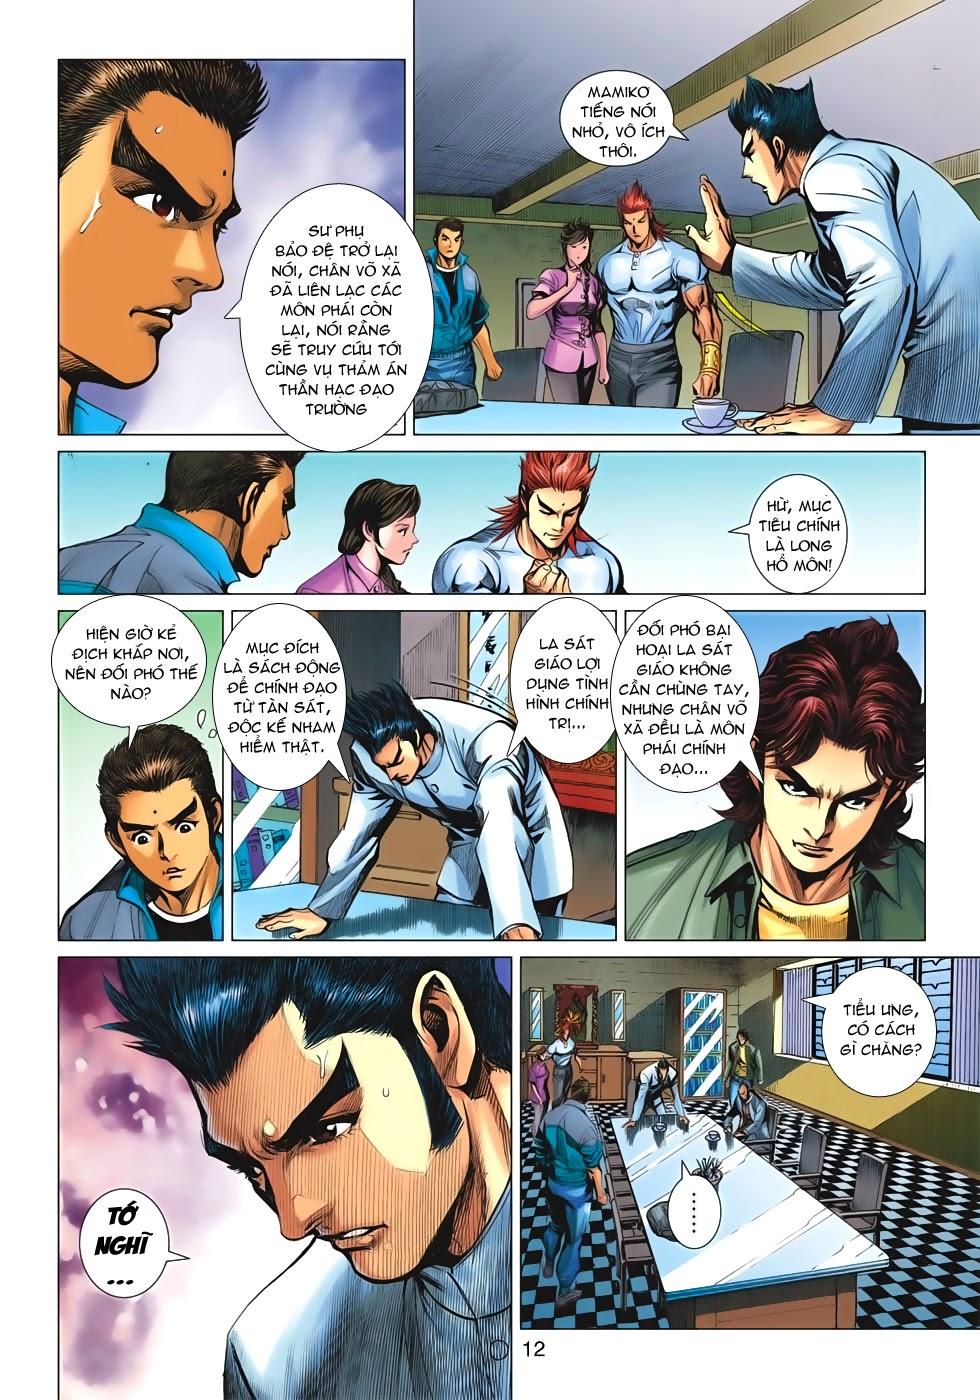 Tân Tác Long Hổ Môn chap 659 - Trang 12